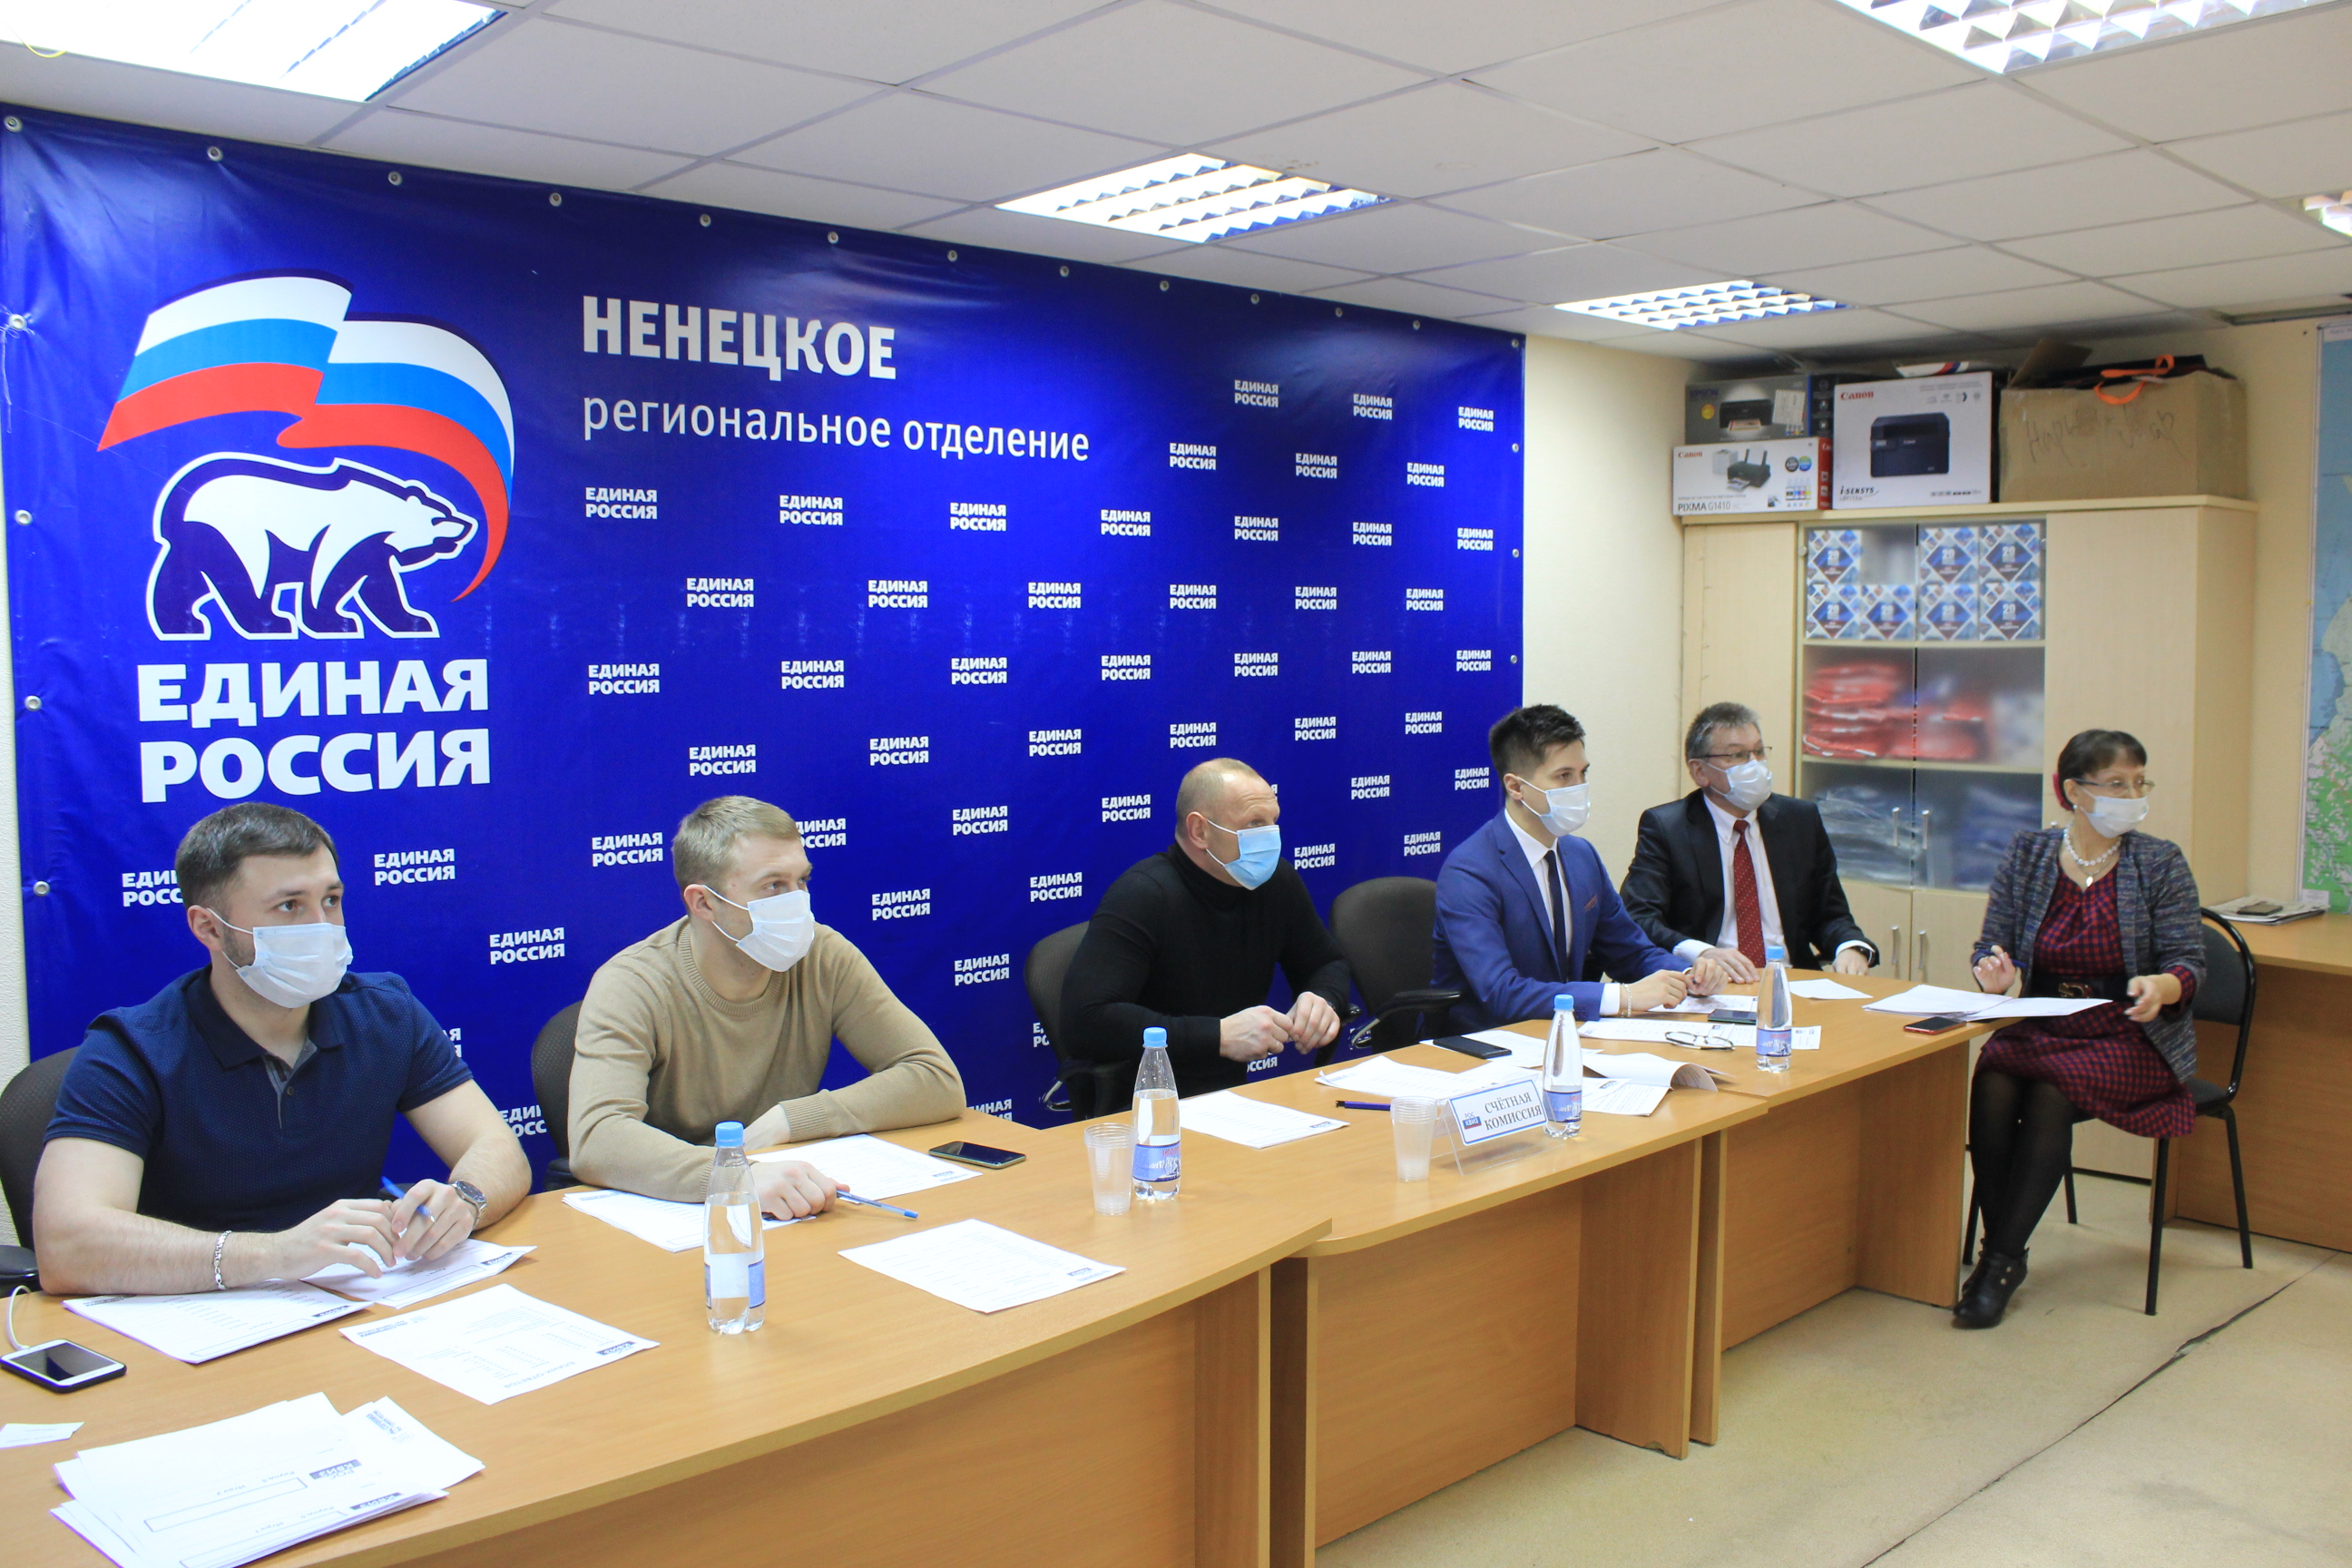 РосКвиз посвящен 23 февраля. На фото: организаторы и жюри